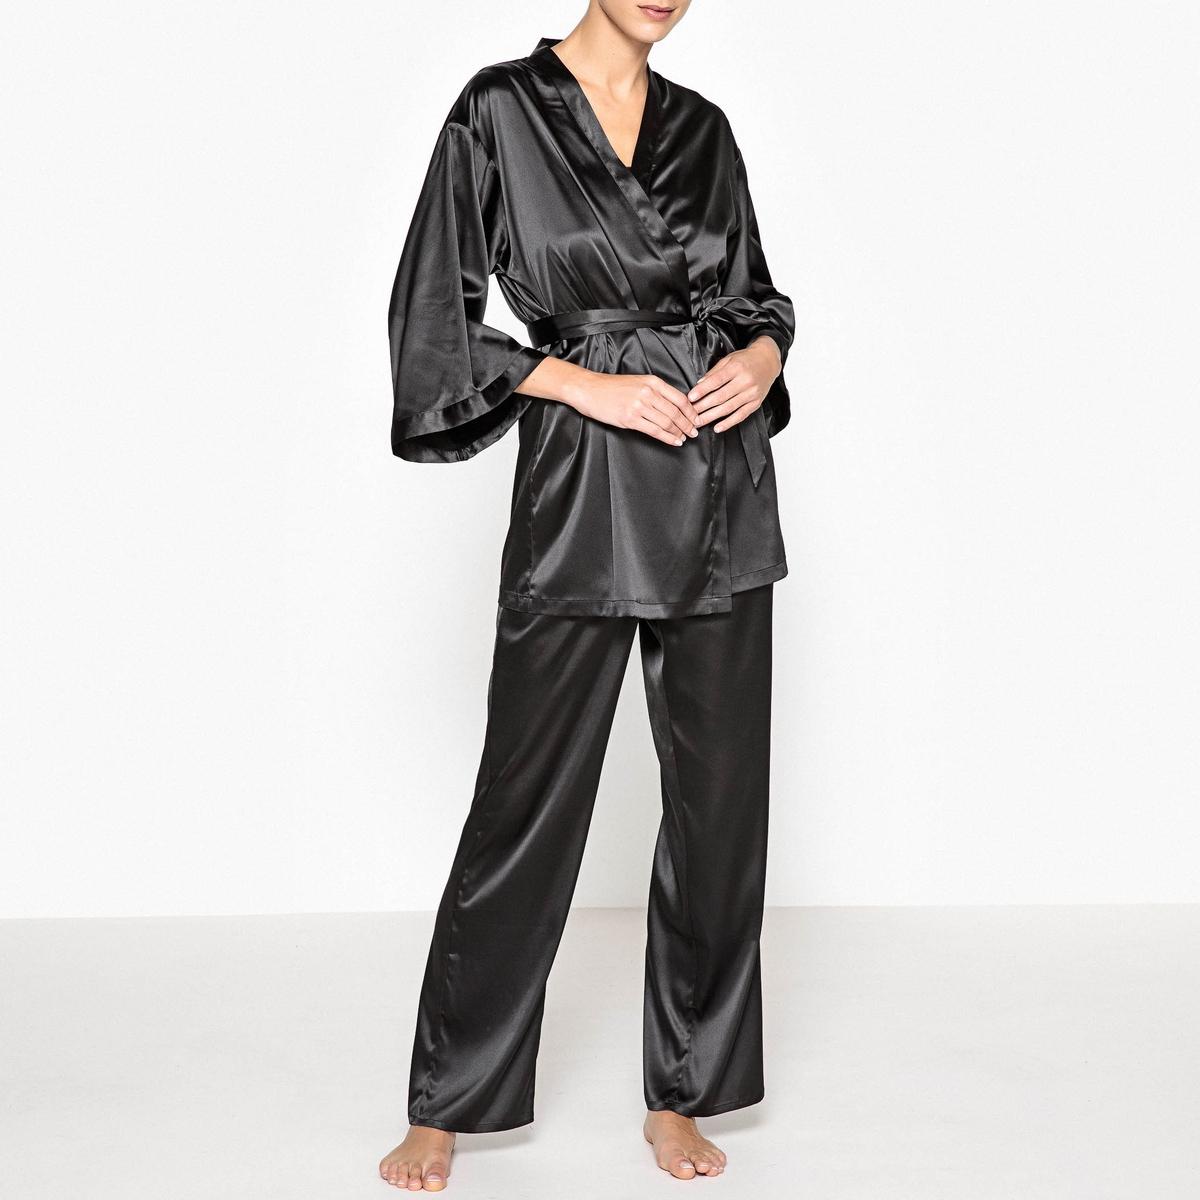 Пижама сатиновая из 3 предметовОписание:Современная пижама из 3 предметов с халатом-кимоно, на пике модных тенденций. Идеальная для моментов расслабления. Состав и описаниеПижама из 3 предметов прямого покроя, верх без рукавов, с V-образным вырезом. Халат-кимоно с рукавами 3/4. Пояс на талииМатериал : 96% полиэстера, 4% эластанаРазмеры : Халат-кимоно : 79,40 смВерх : 64 смДлина по внутр.шву : 76 смУход :  Стирать при 30° с вещами схожих цветов Стирка и глажка с изнаночной стороныМашинная сушка запрещена<br><br>Цвет: черный<br>Размер: 38 (FR) - 44 (RUS).36 (FR) - 42 (RUS).42 (FR) - 48 (RUS).44 (FR) - 50 (RUS).48 (FR) - 54 (RUS).40 (FR) - 46 (RUS)